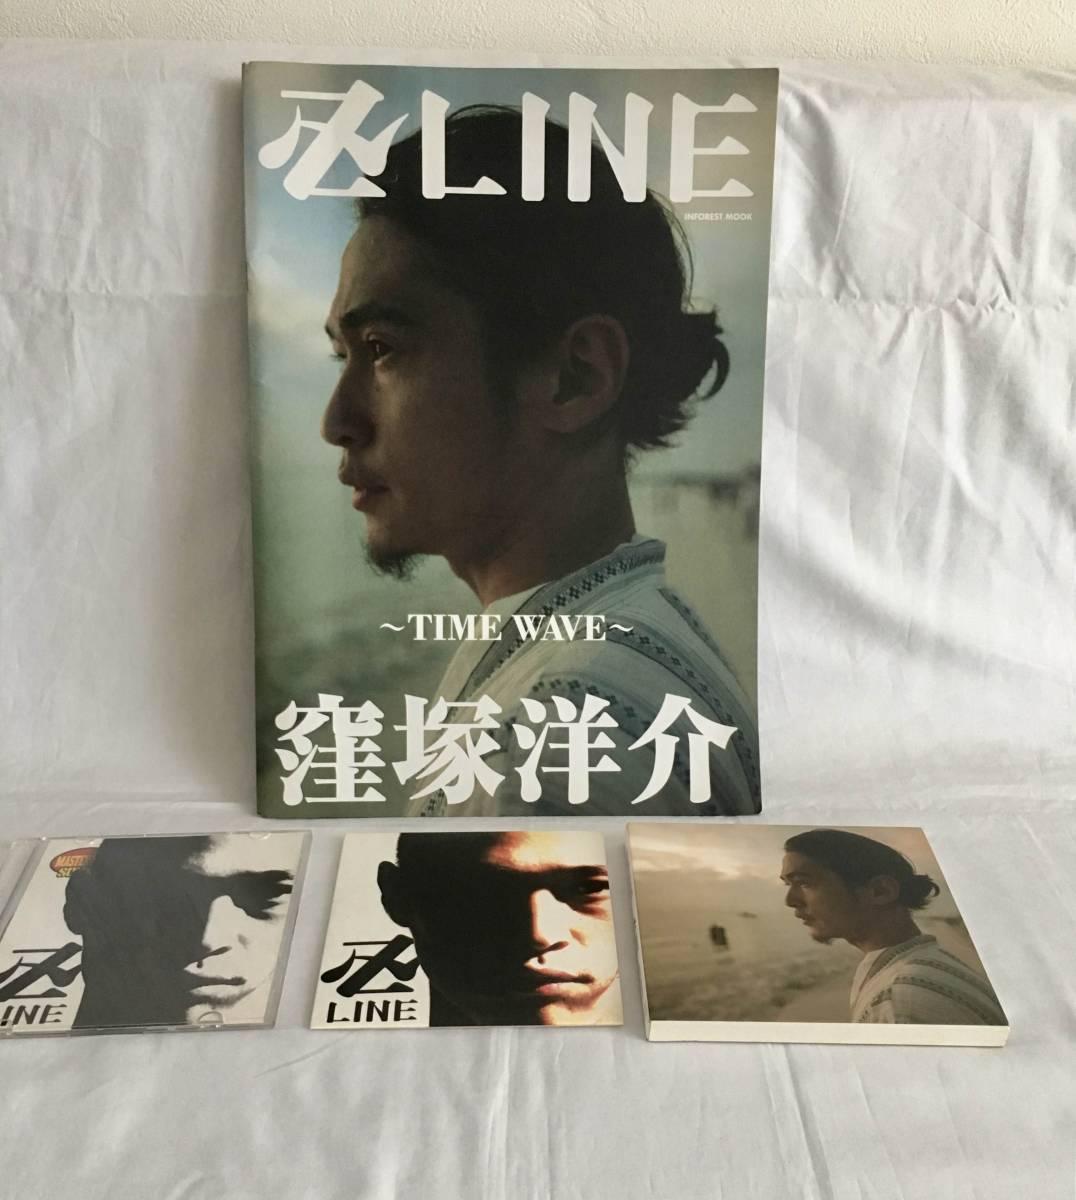 ◆◇【まとめ】窪塚洋介/卍LINE ?TIME WAVE?他 セット 中古◇◆